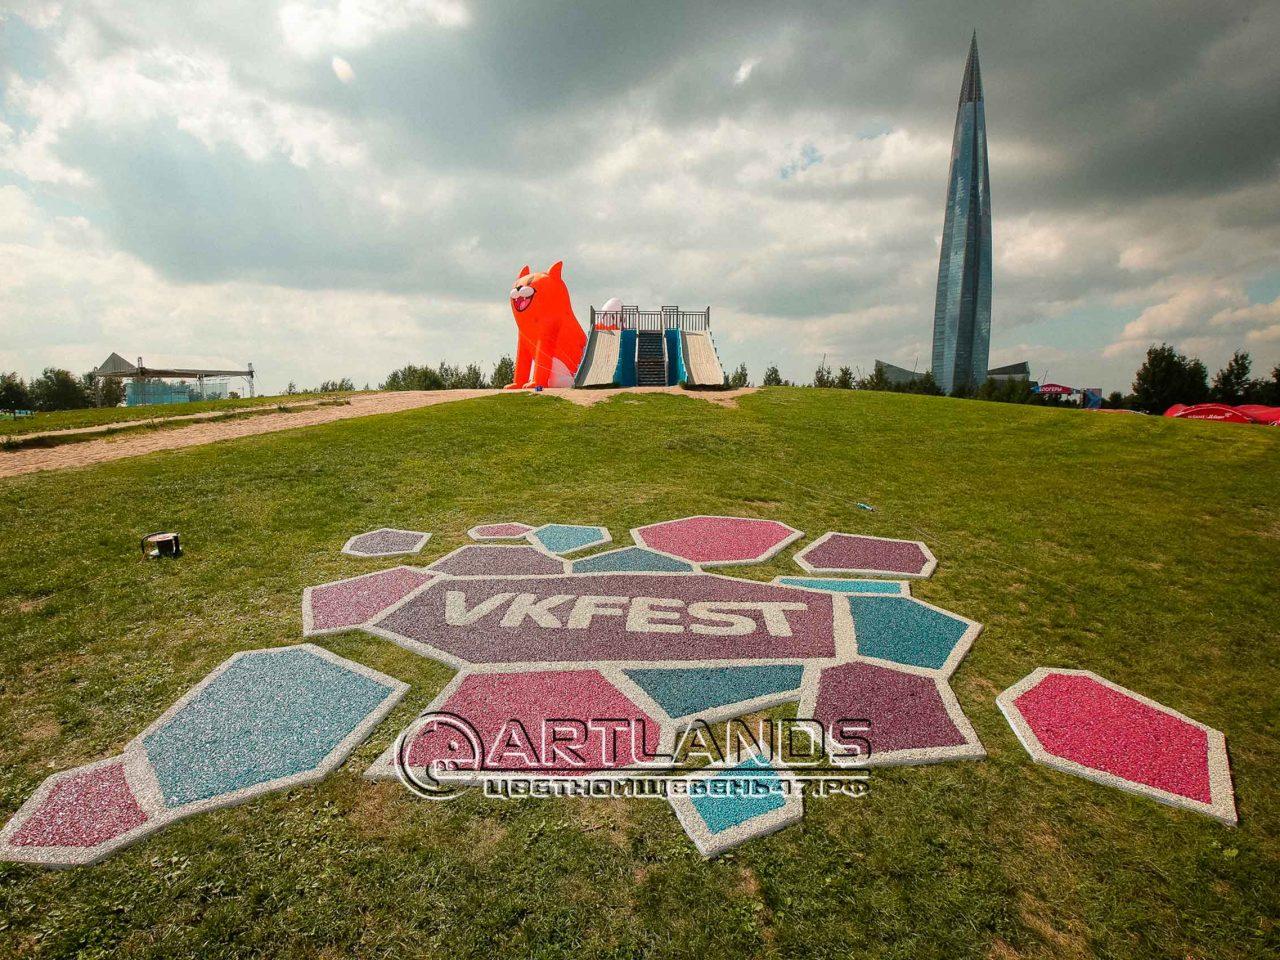 цветной декоративный щебень, логотип из камней, каменный ковер, гравийное покрытие ArtGravel, ArtLands, VKfest 13